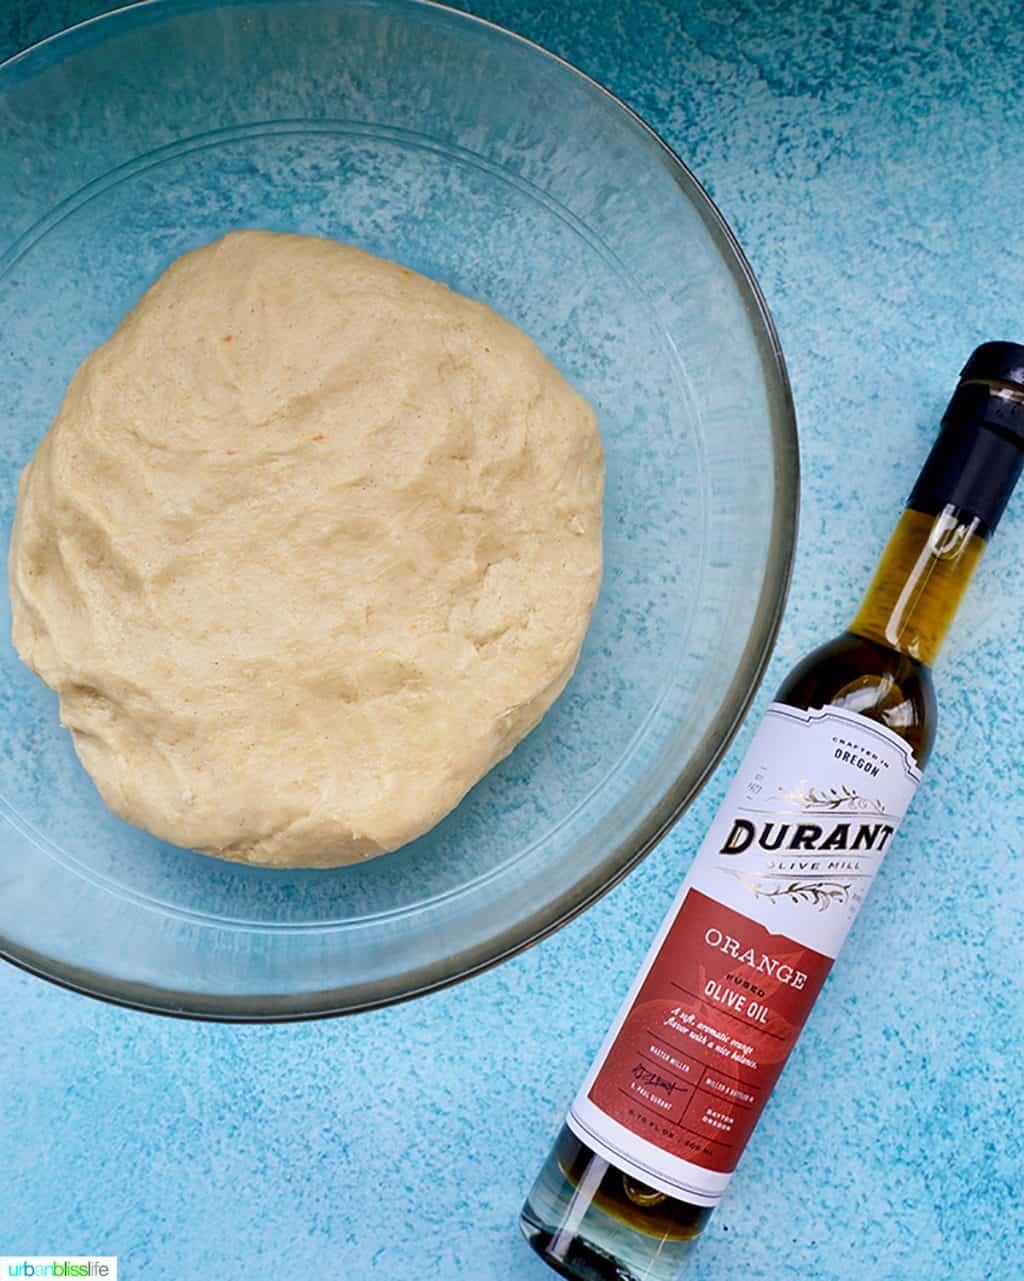 orange oilive oil with cinnamon roll dough